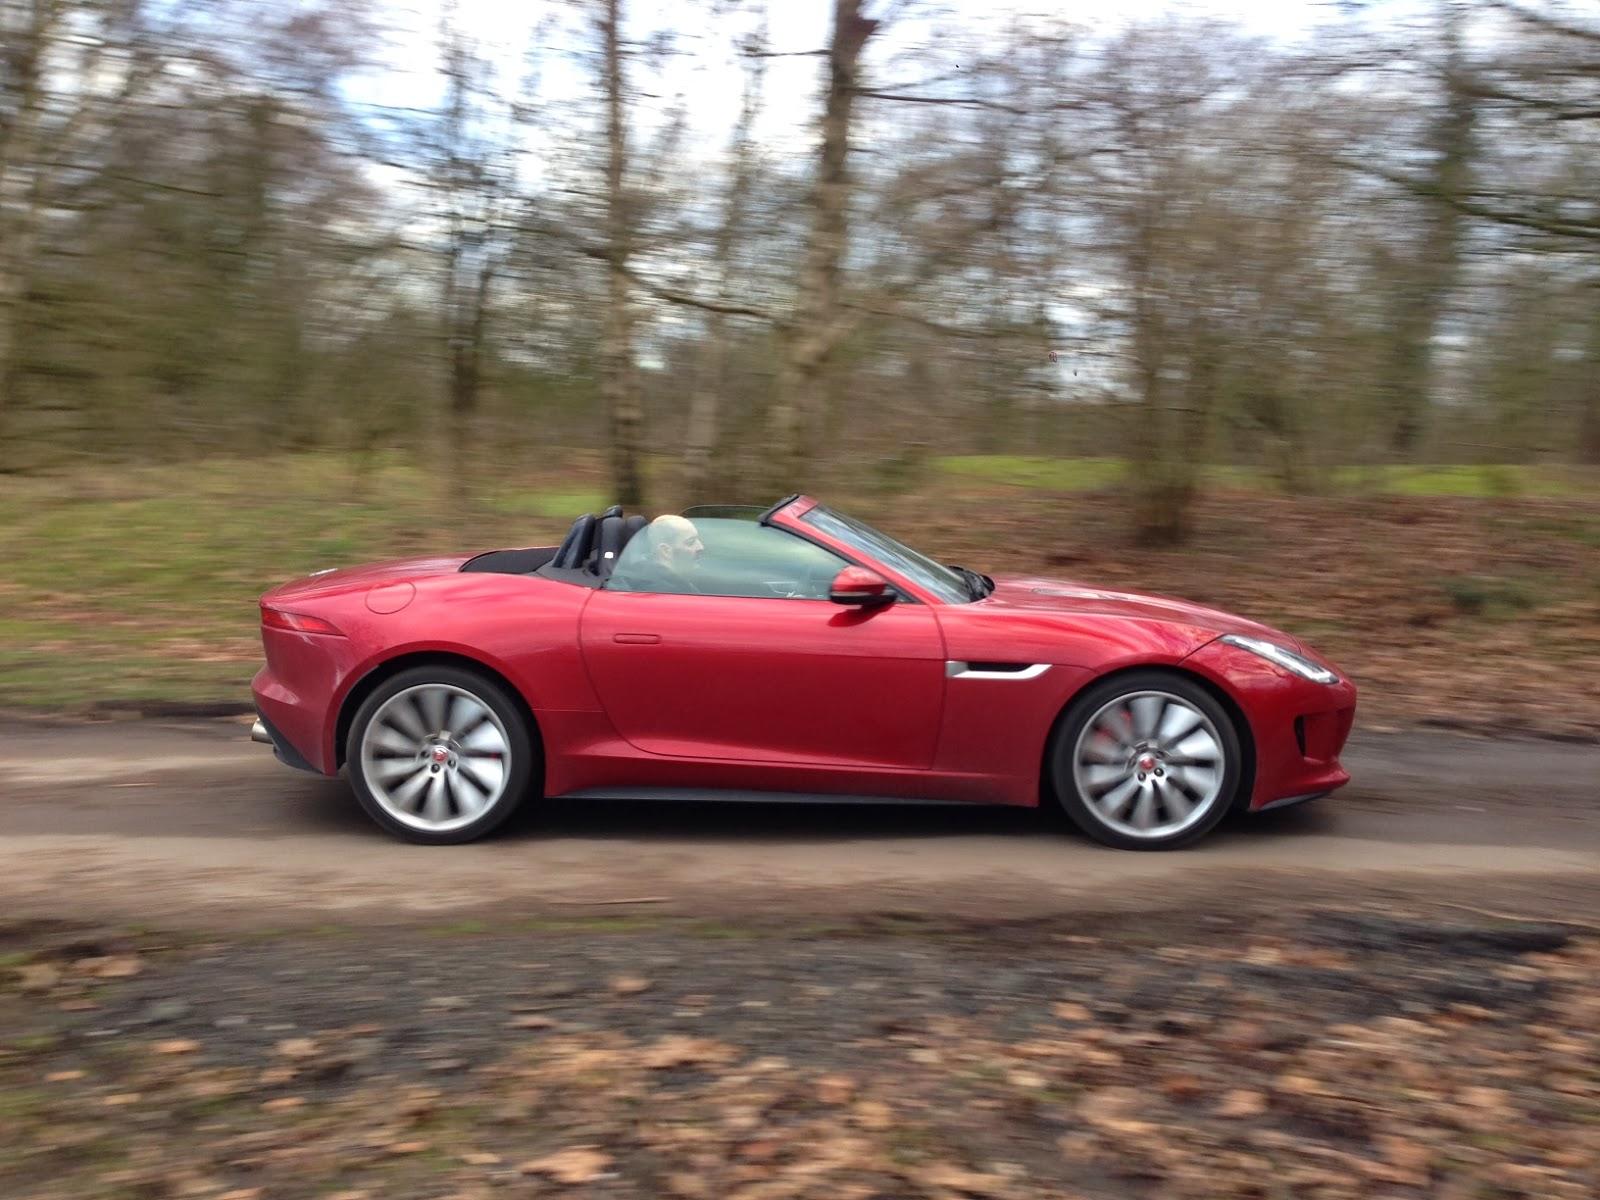 2017 Jaguar F Type V8 S Convertible In Italian Racing Red